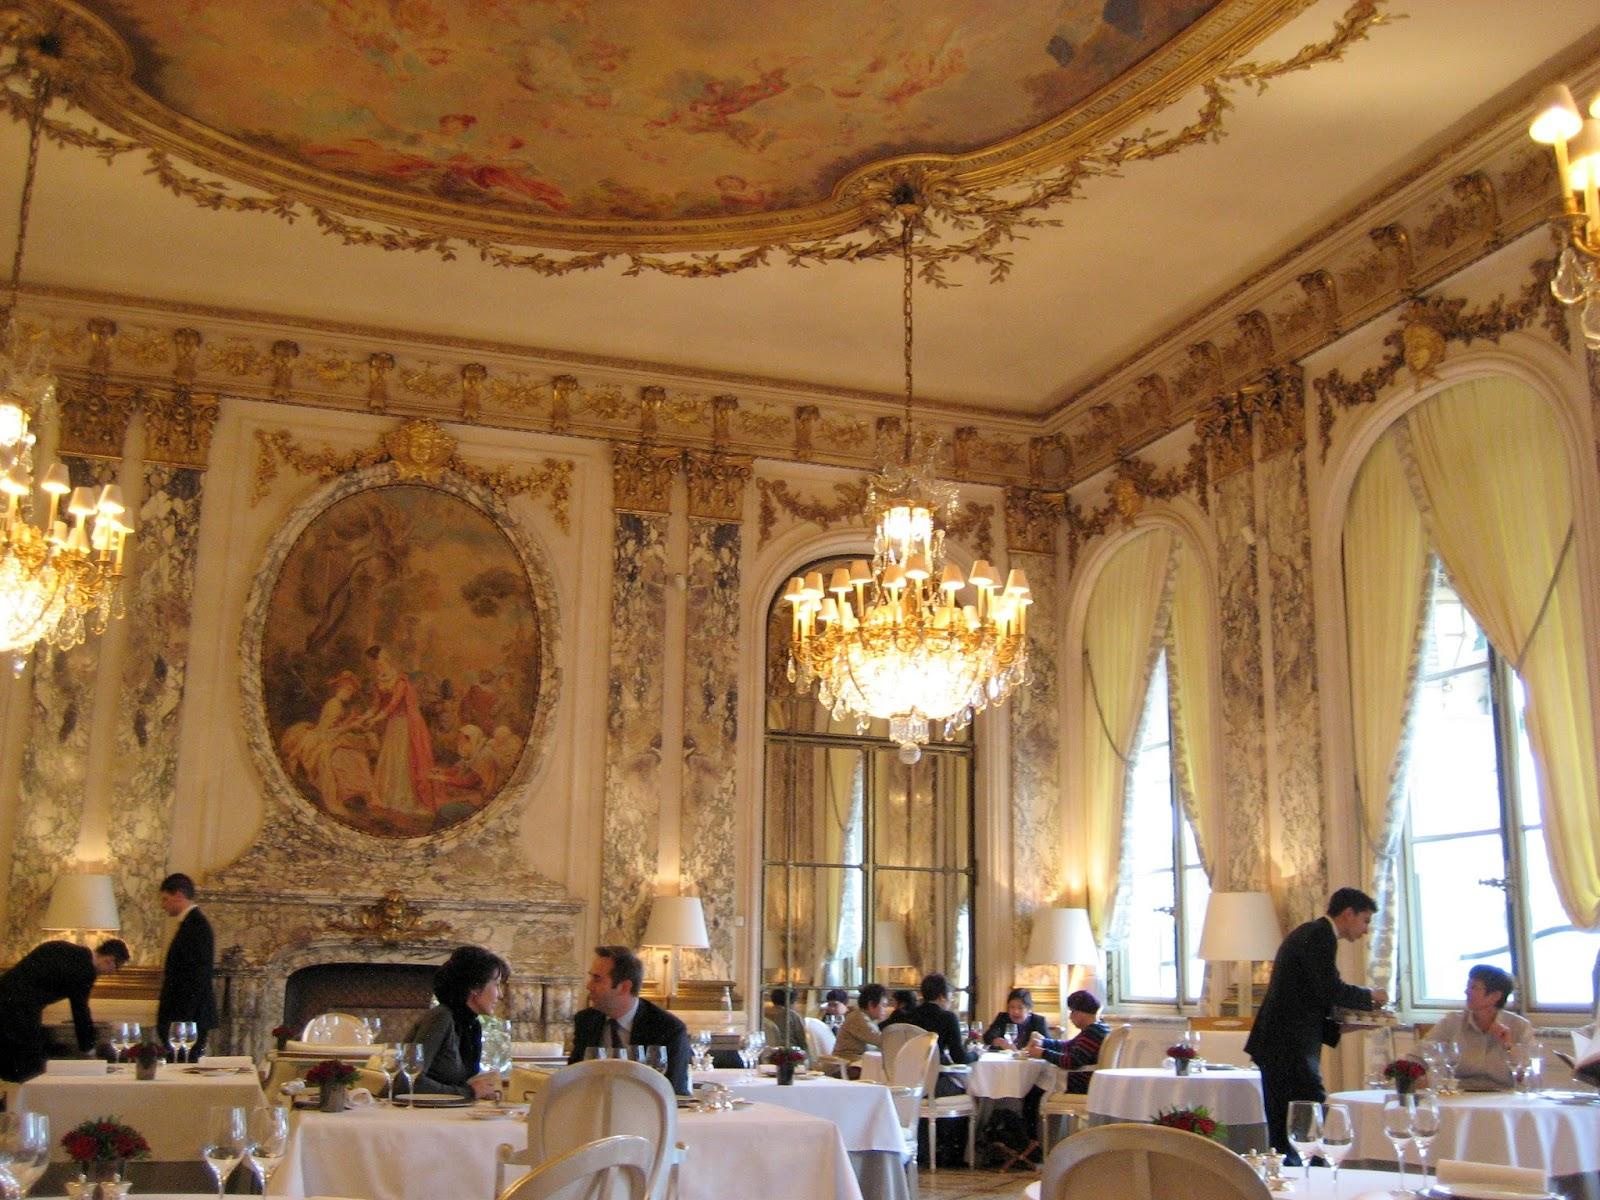 Dicas pr ticas de franc s para brasileiros os melhores for Restaurantes franceses